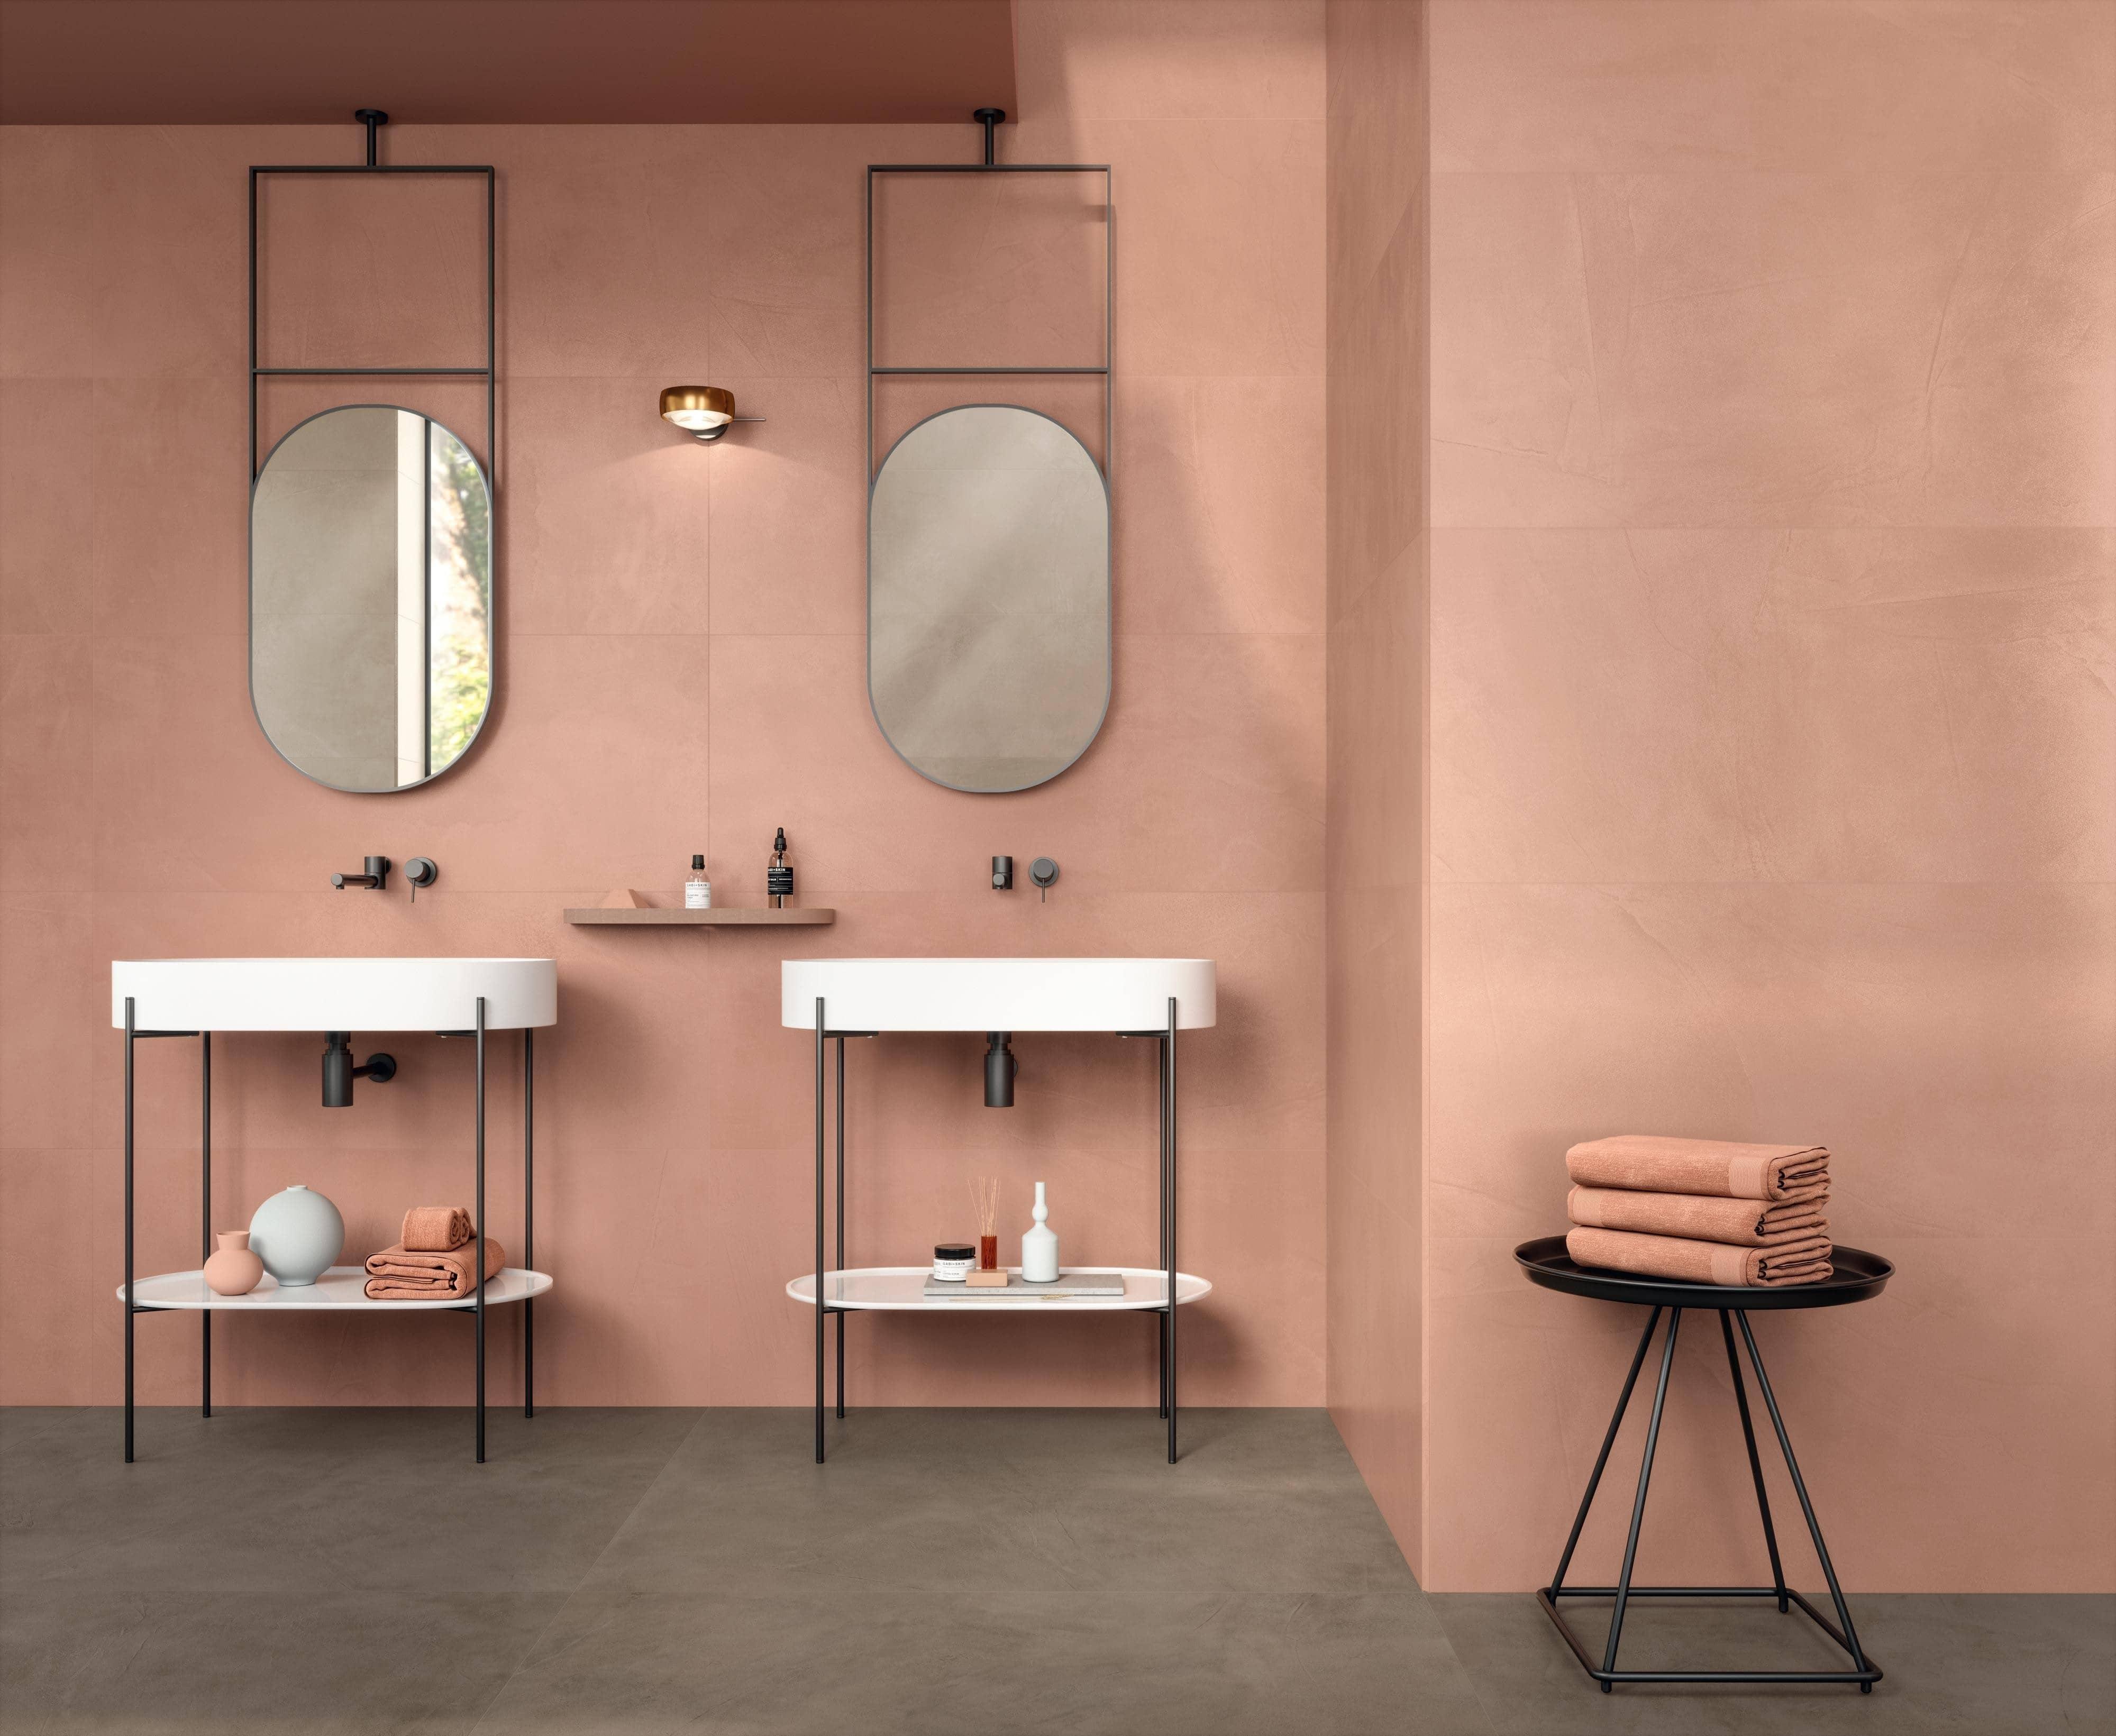 Koupelna v pastelových barvách. Objevte kolekci Prism! slide 0